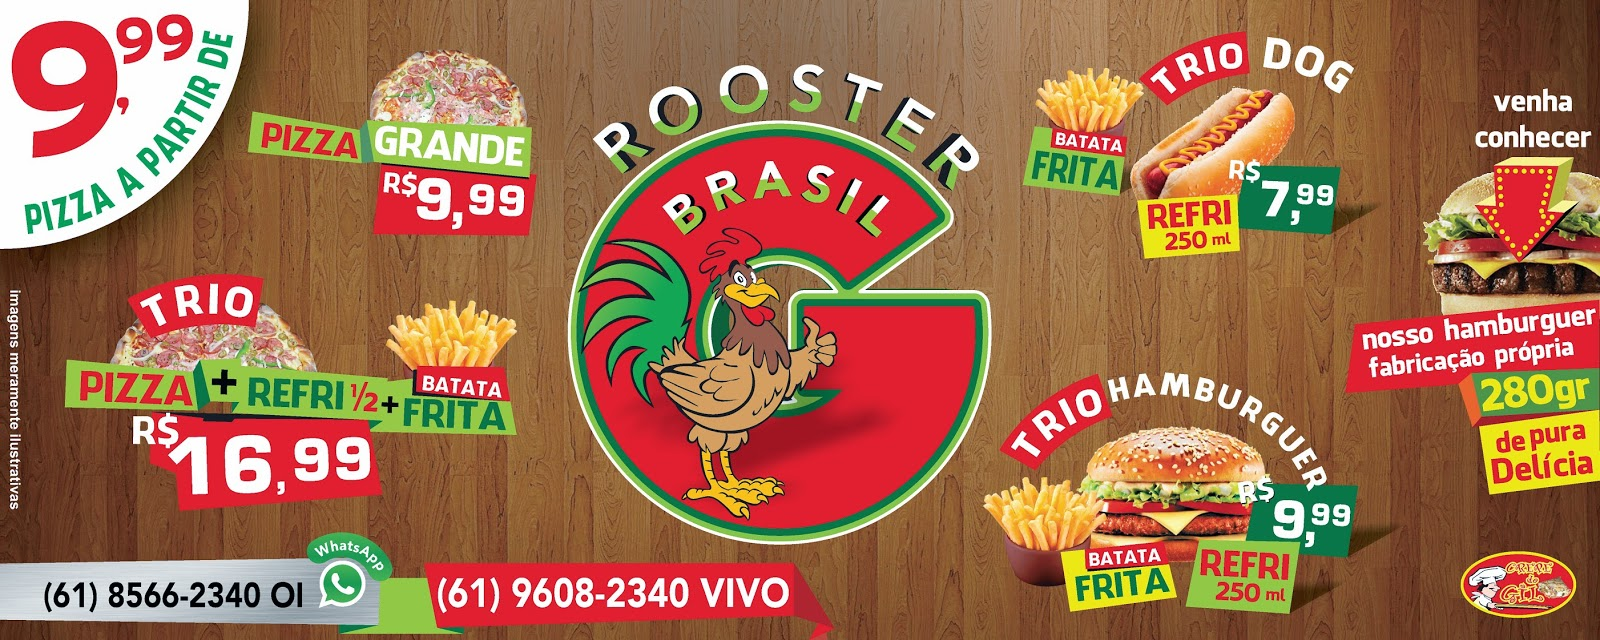 FAIXA ROOSTER BRASIL - CREPE DO GIL - POR CDTARSO